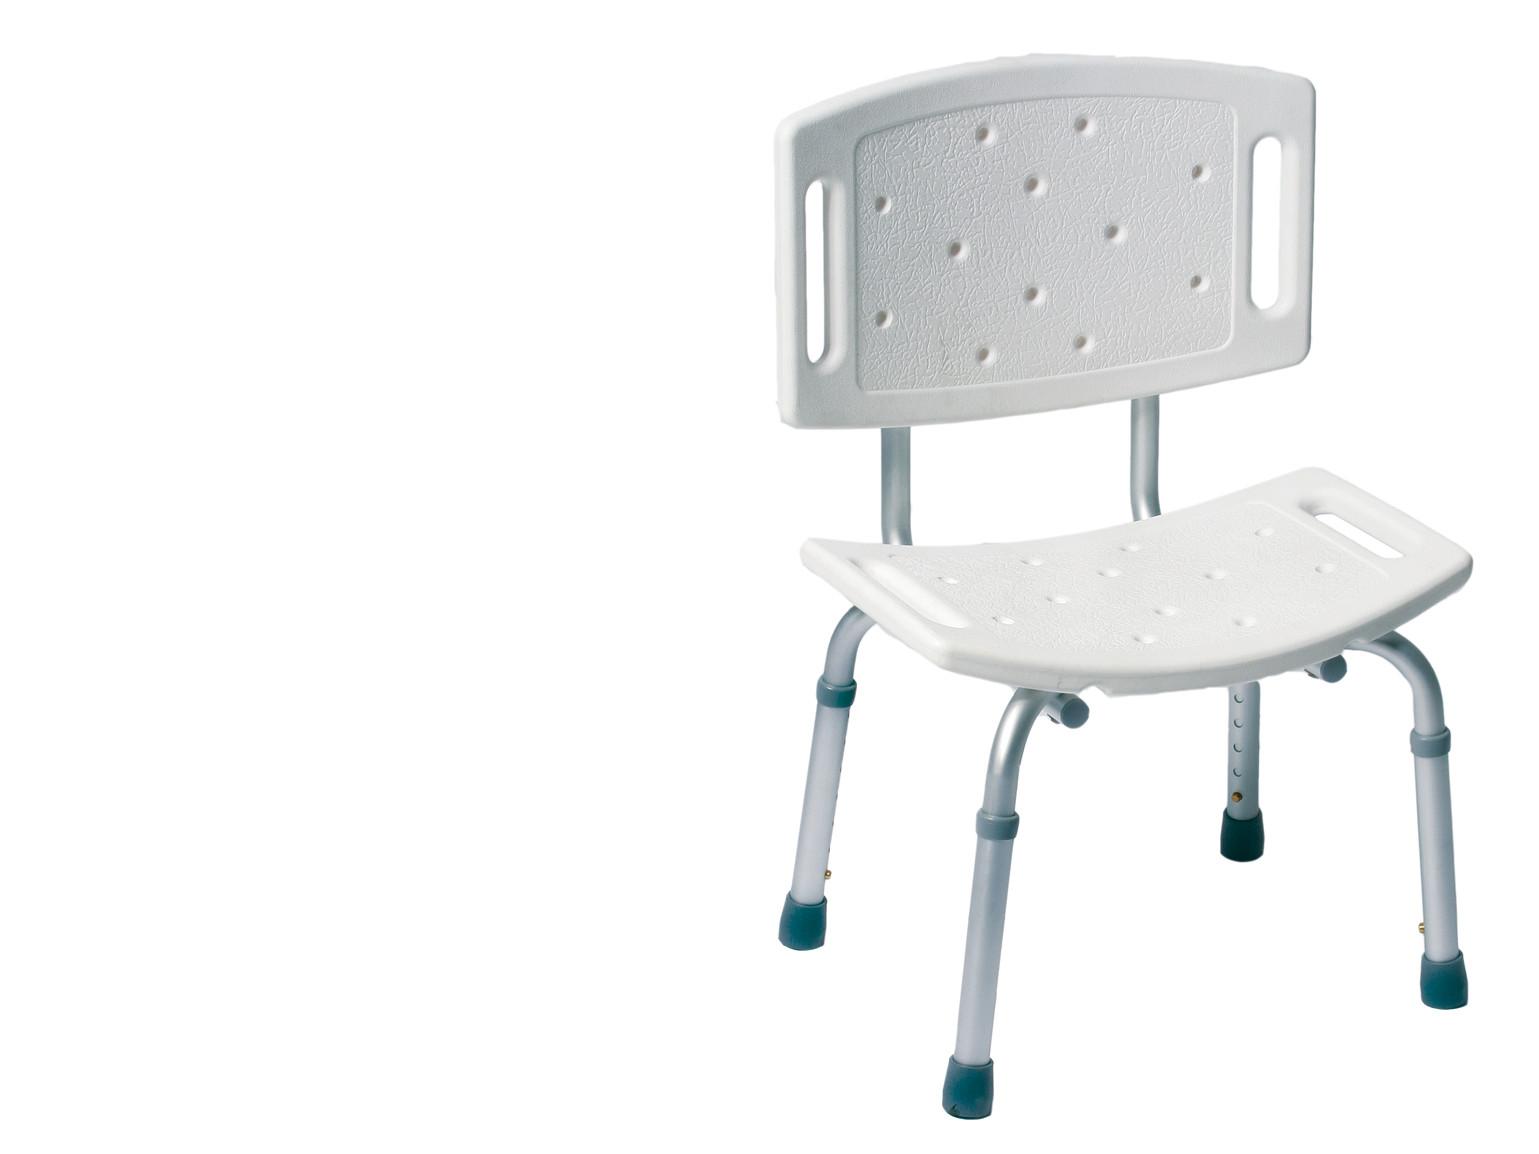 Taboret pod prysznic krzesło prysznicowe + oparcie